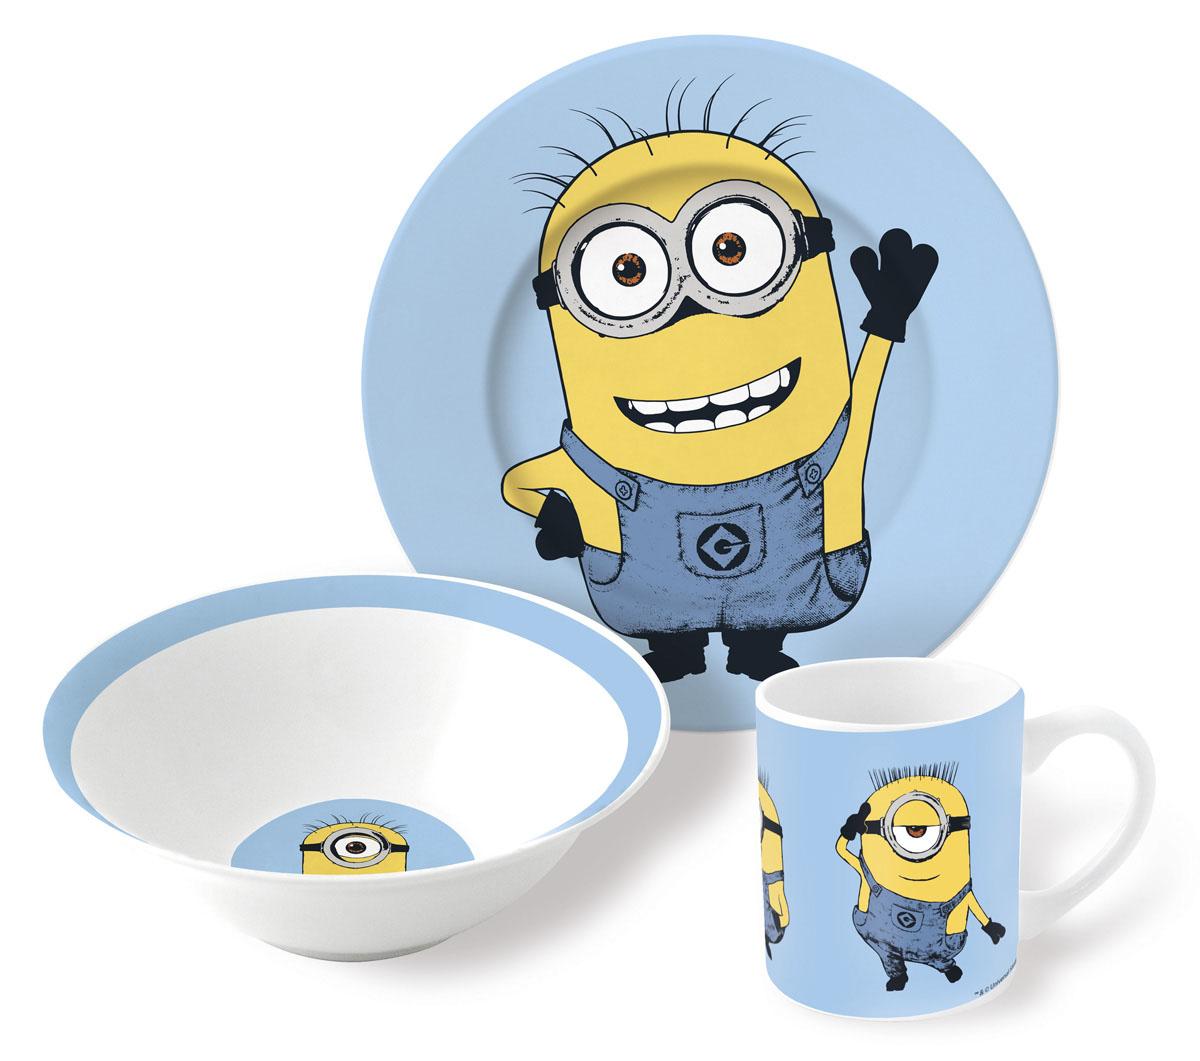 Гадкий Я Набор детской посуды 3 предмета115510Набор детской посуды Гадкий Я состоит из тарелки, миски и кружки. Предметы набора изготовлены из высококачественной керамики. Изделия оформлены красочными изображениями героев одноименного мультфильма.Яркий красочный набор привлечет внимание ребенка и сделает завтраки, обеды и ужины веселым занятием.Можно использовать в микроволновой печи и мыть в посудомоечной машине.